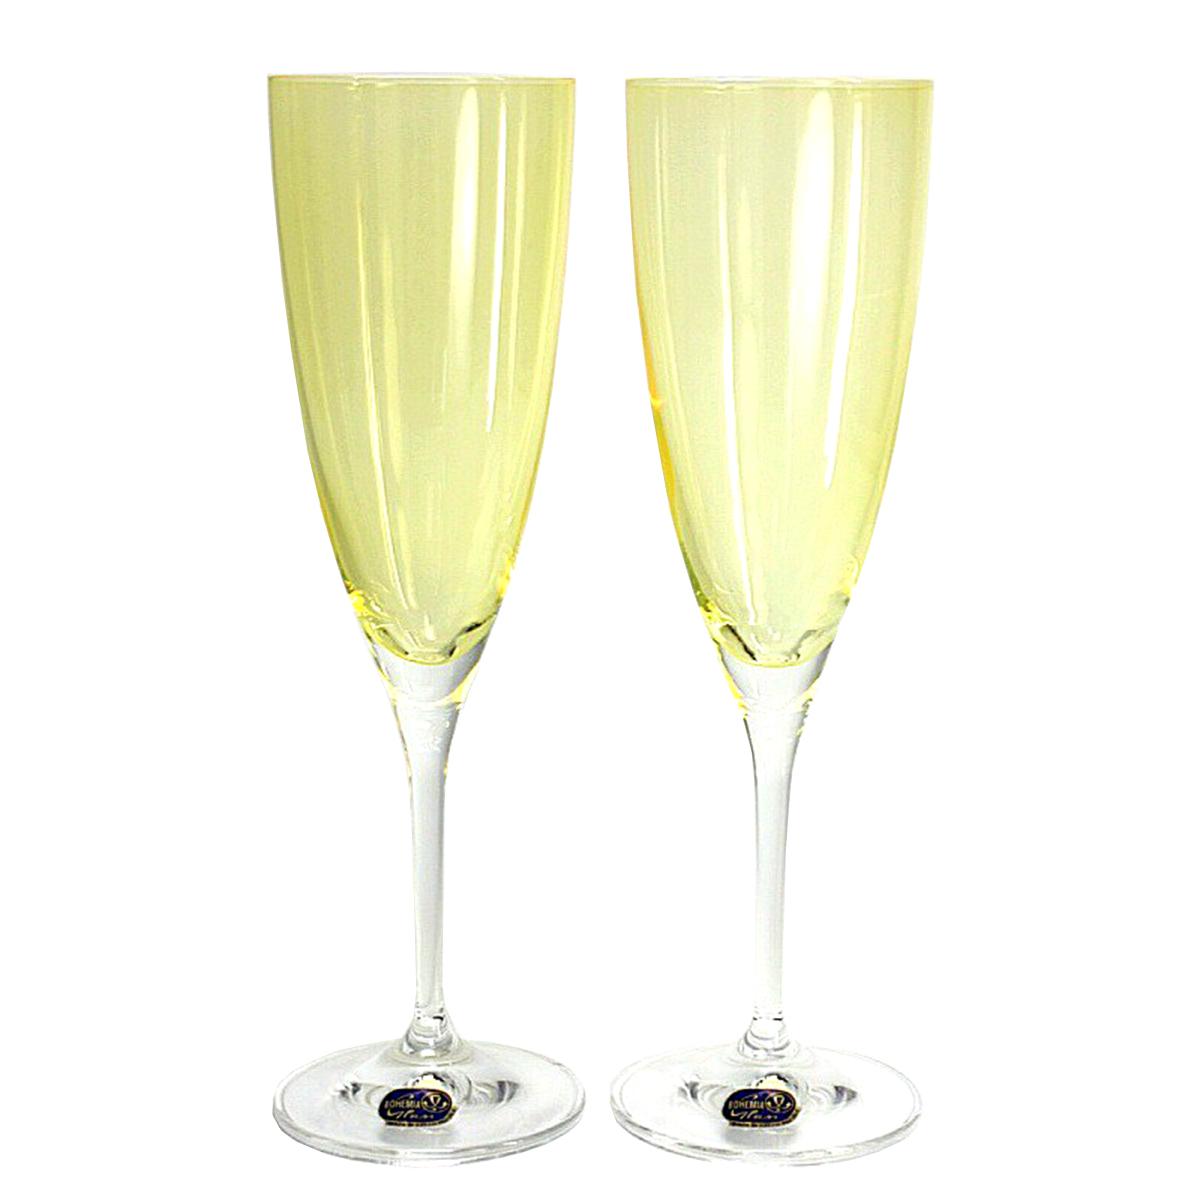 """Набор бокалов для шампанского Bohemia Crystal коллекции """"Кейт"""" порадуют не только вас, но и ваших гостей. Они обладают привлекательным внешним видом, а материалом их изготовления является высококачественное стекло. Кроме того, красоту и форму посуды подчеркивают прозрачные ножки. Объем бокала 220 мл. Количество в упаковке 2 шт."""